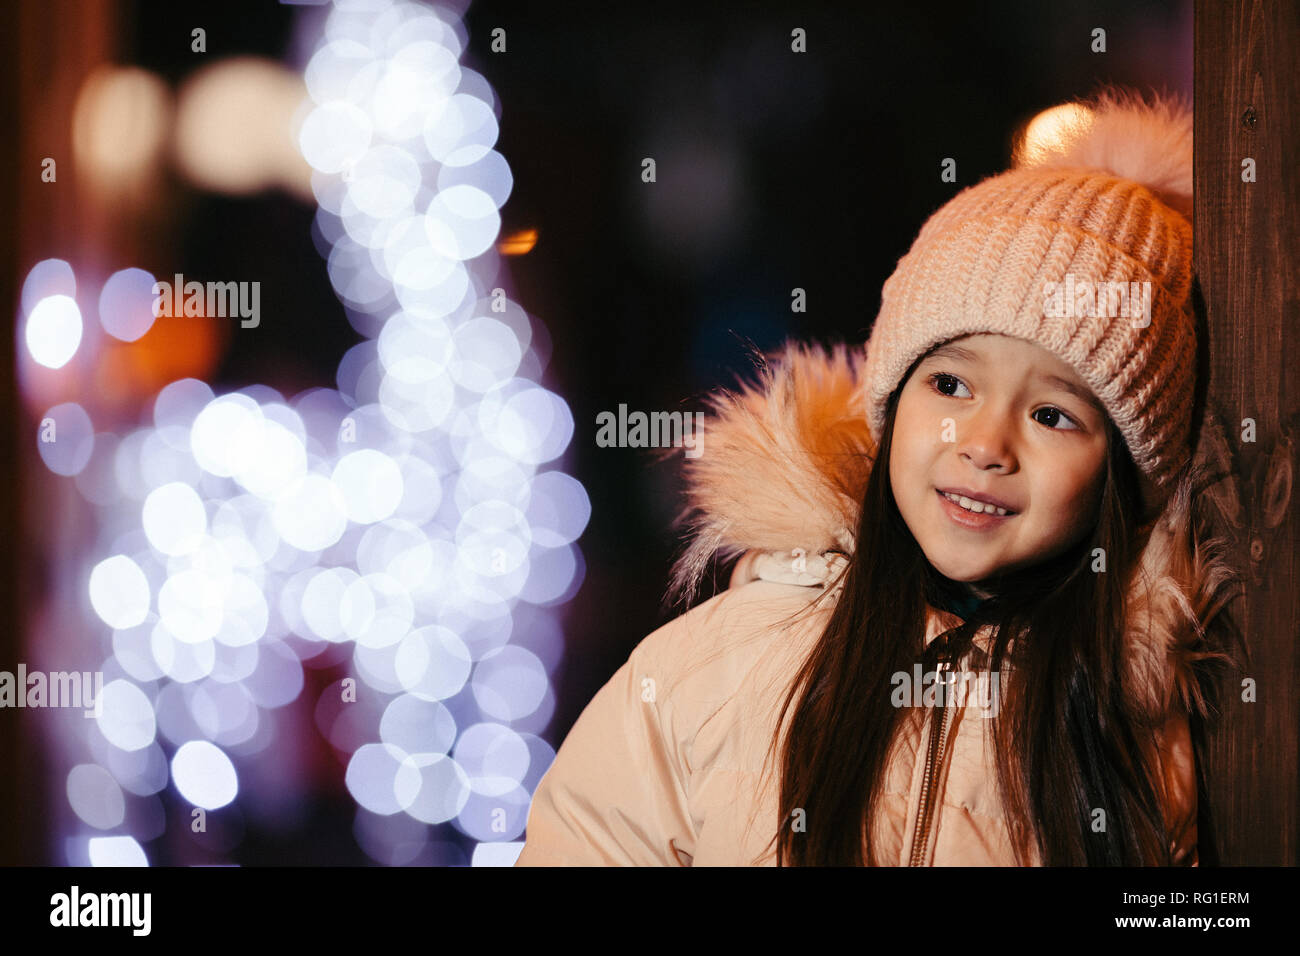 Retrato de linda niña sonriente en un gorro de punto exterior Imagen De  Stock fa2bc3e1b55